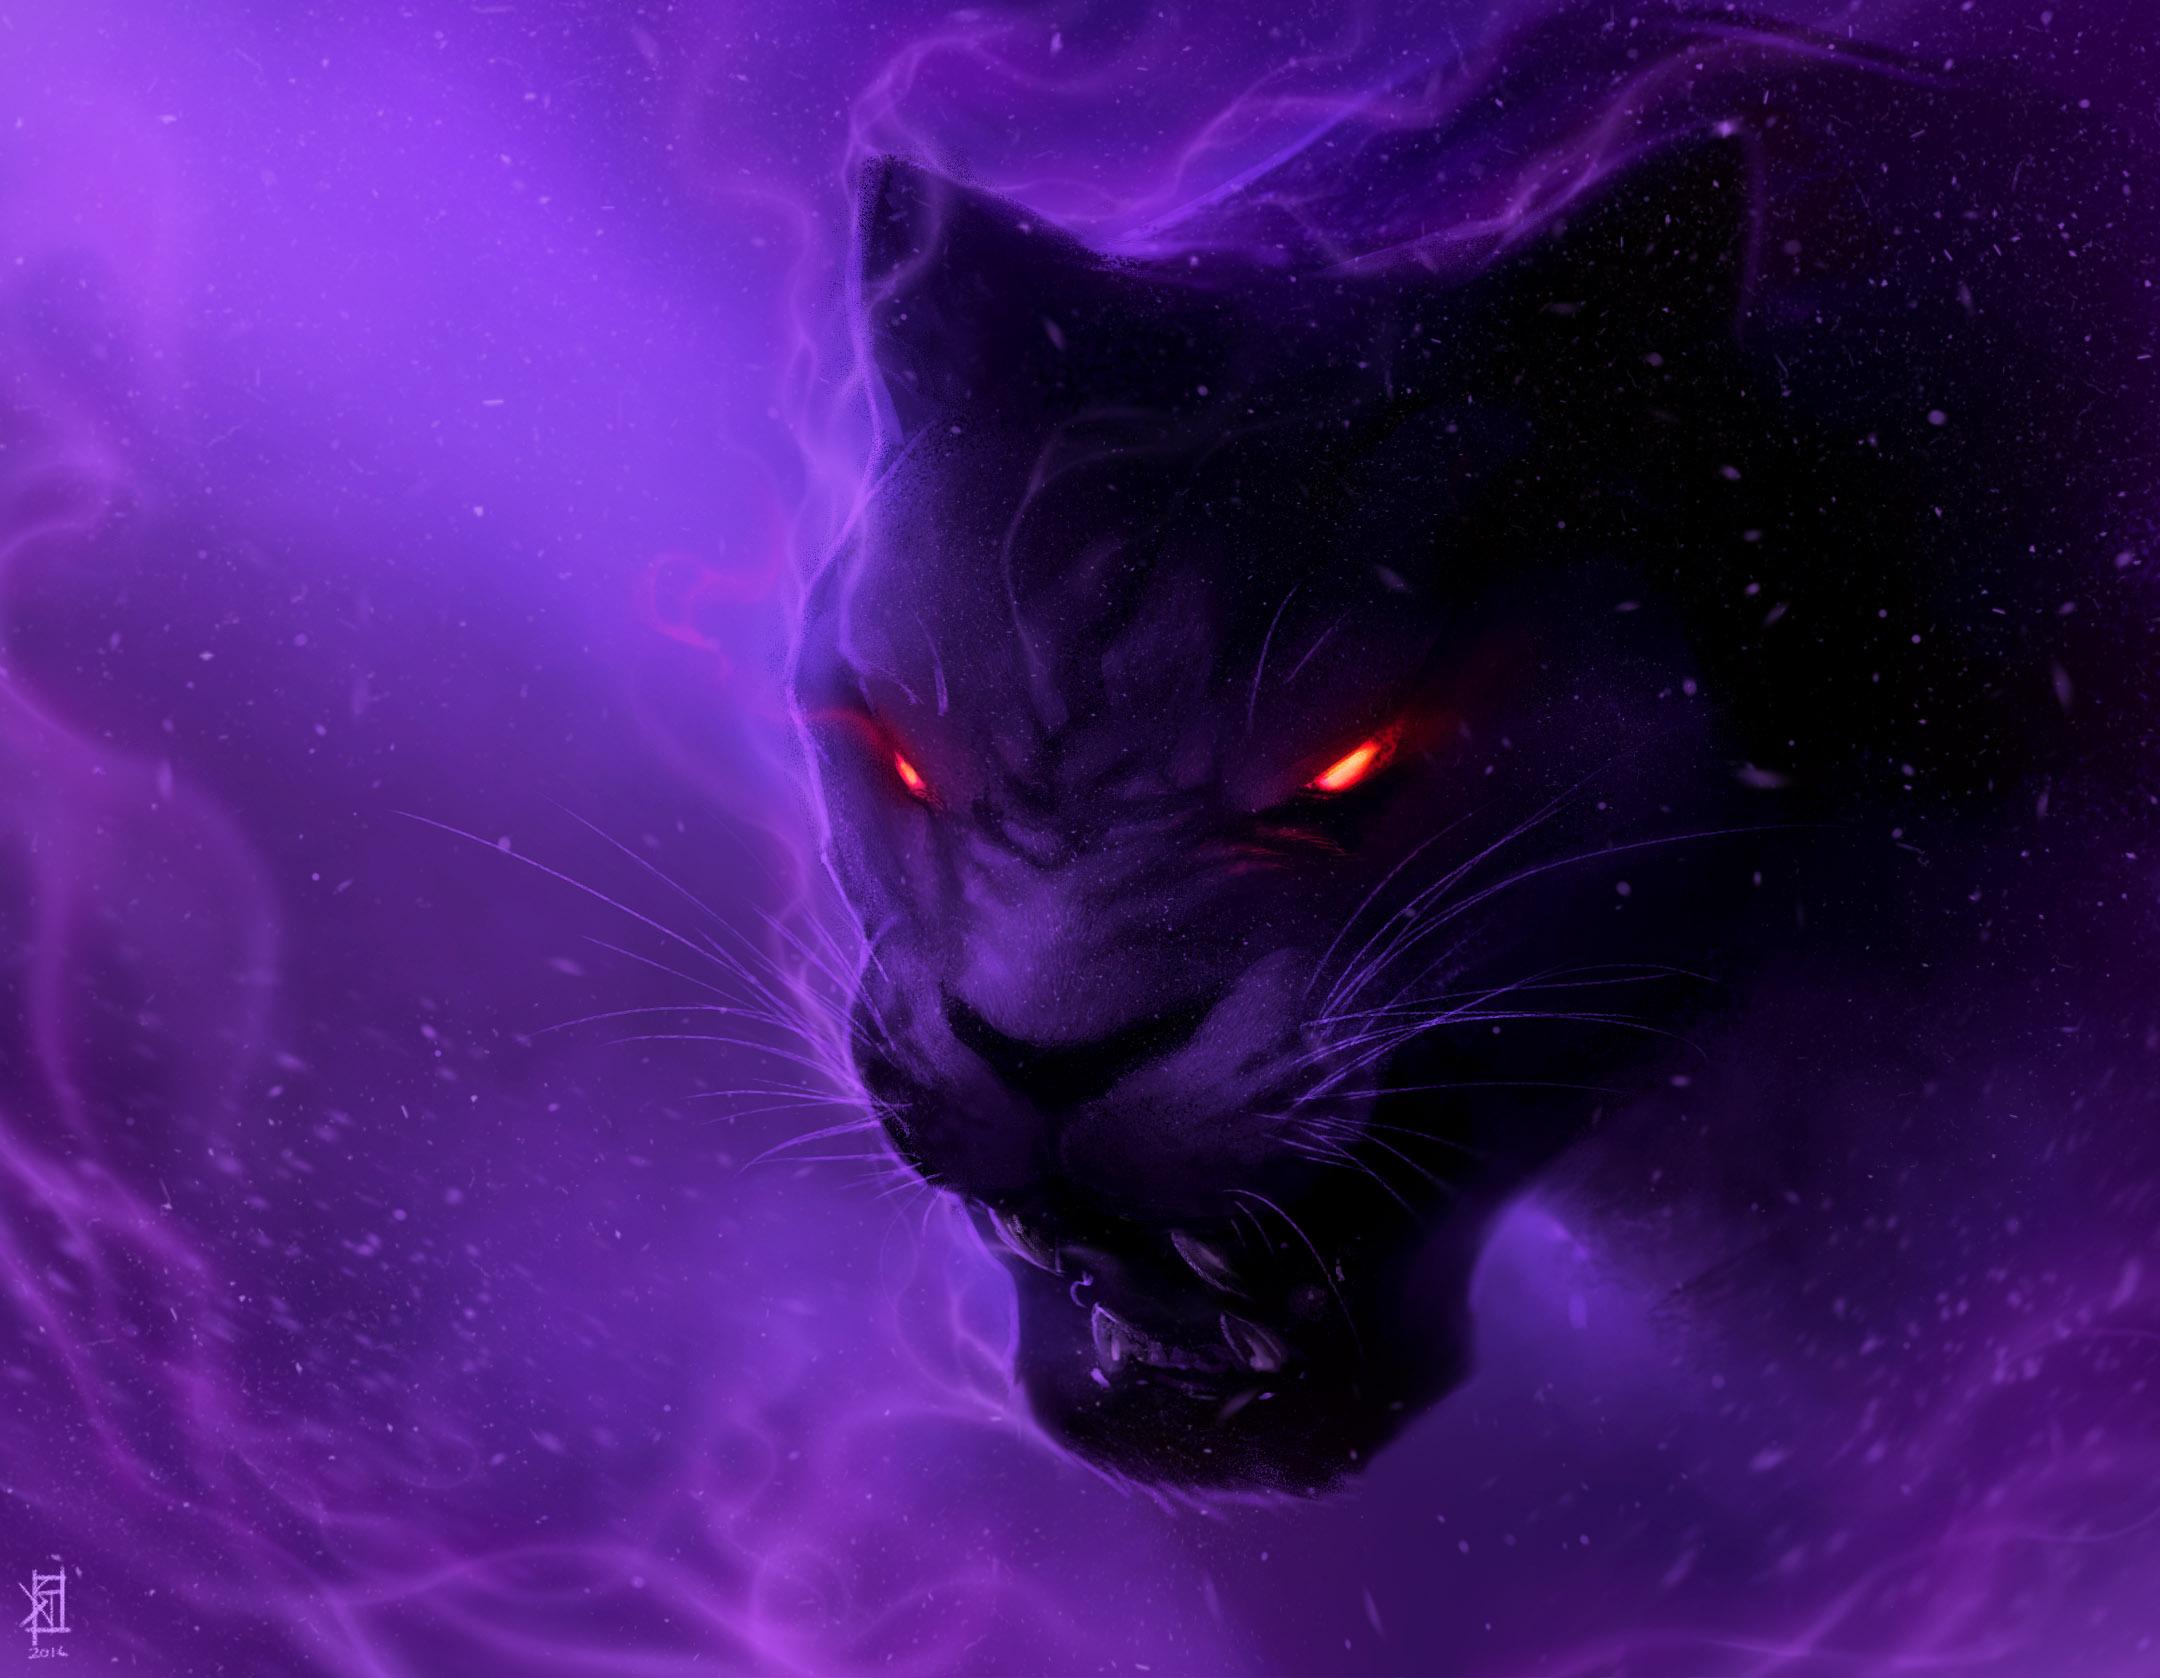 [MOD FICHA] Ban - Página 6 Black-panther-digital-art-illustration-2v